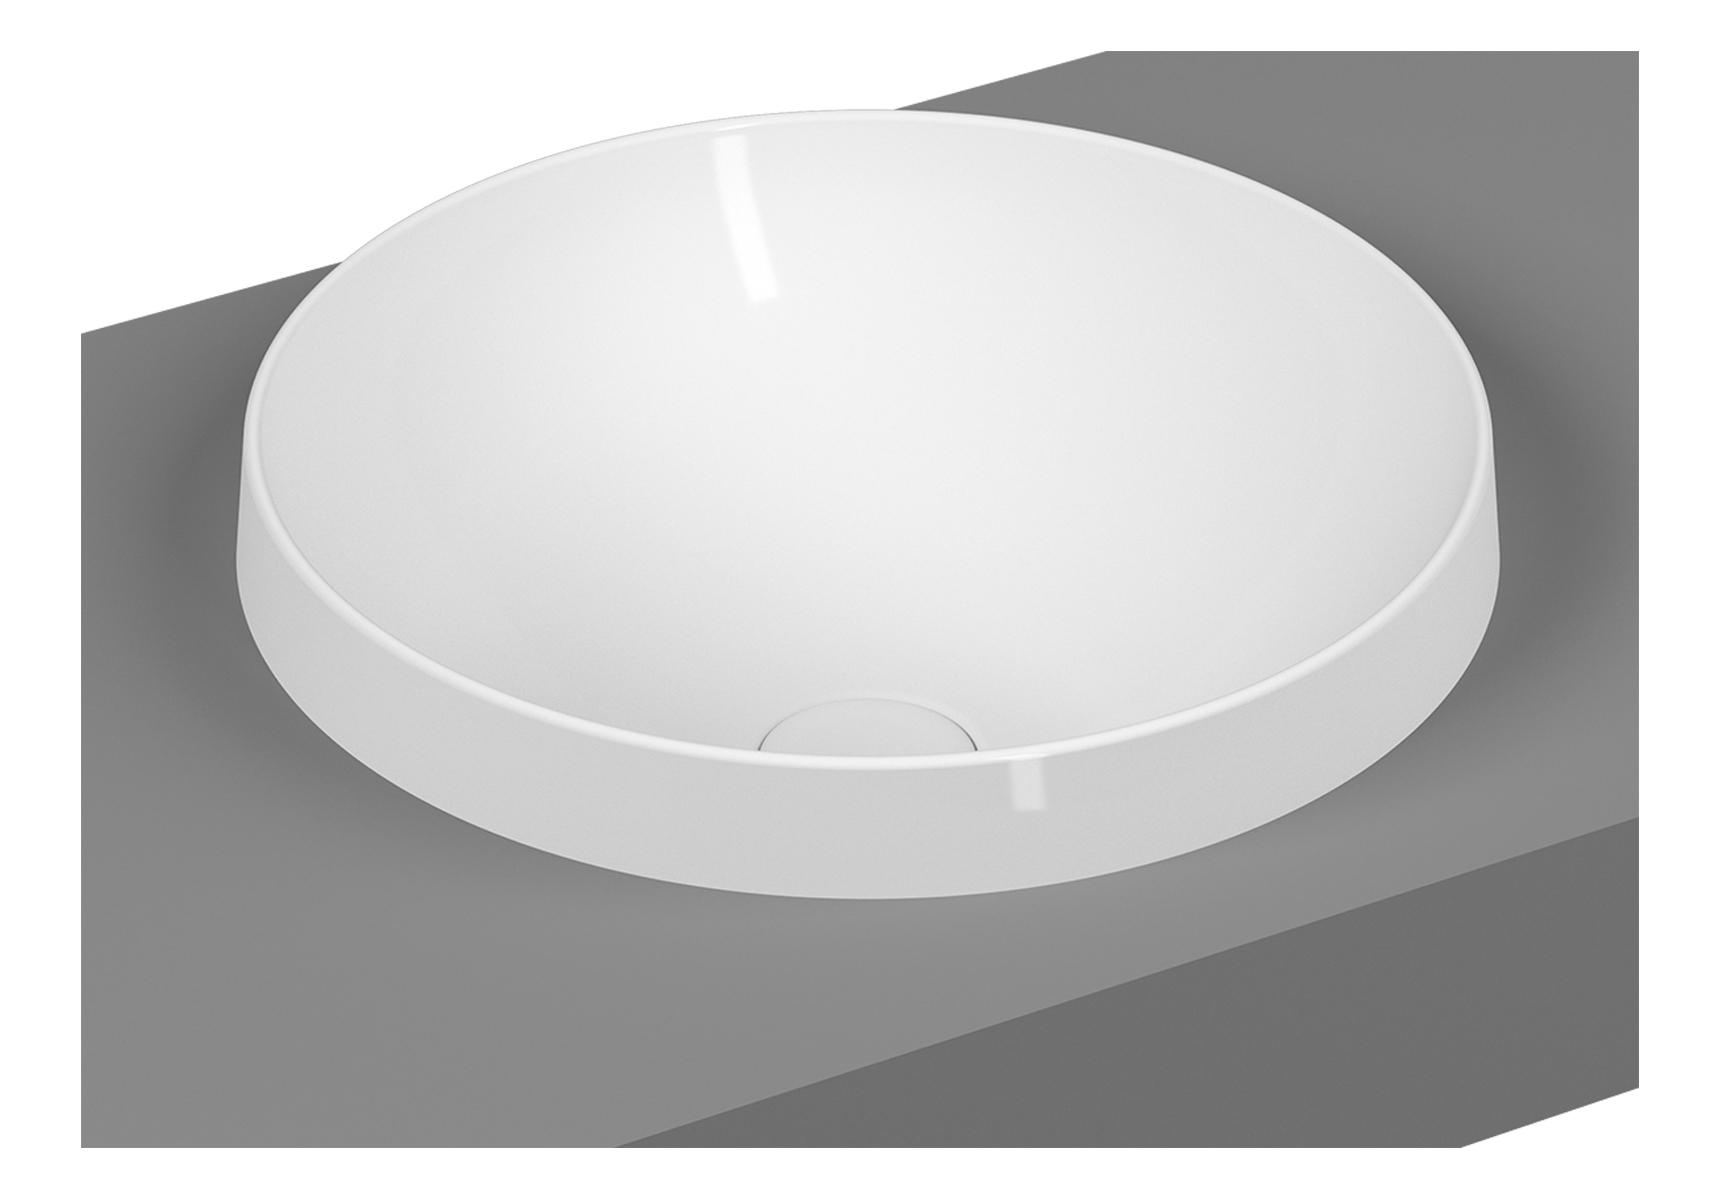 Frame Einbauschale rund, Weiß